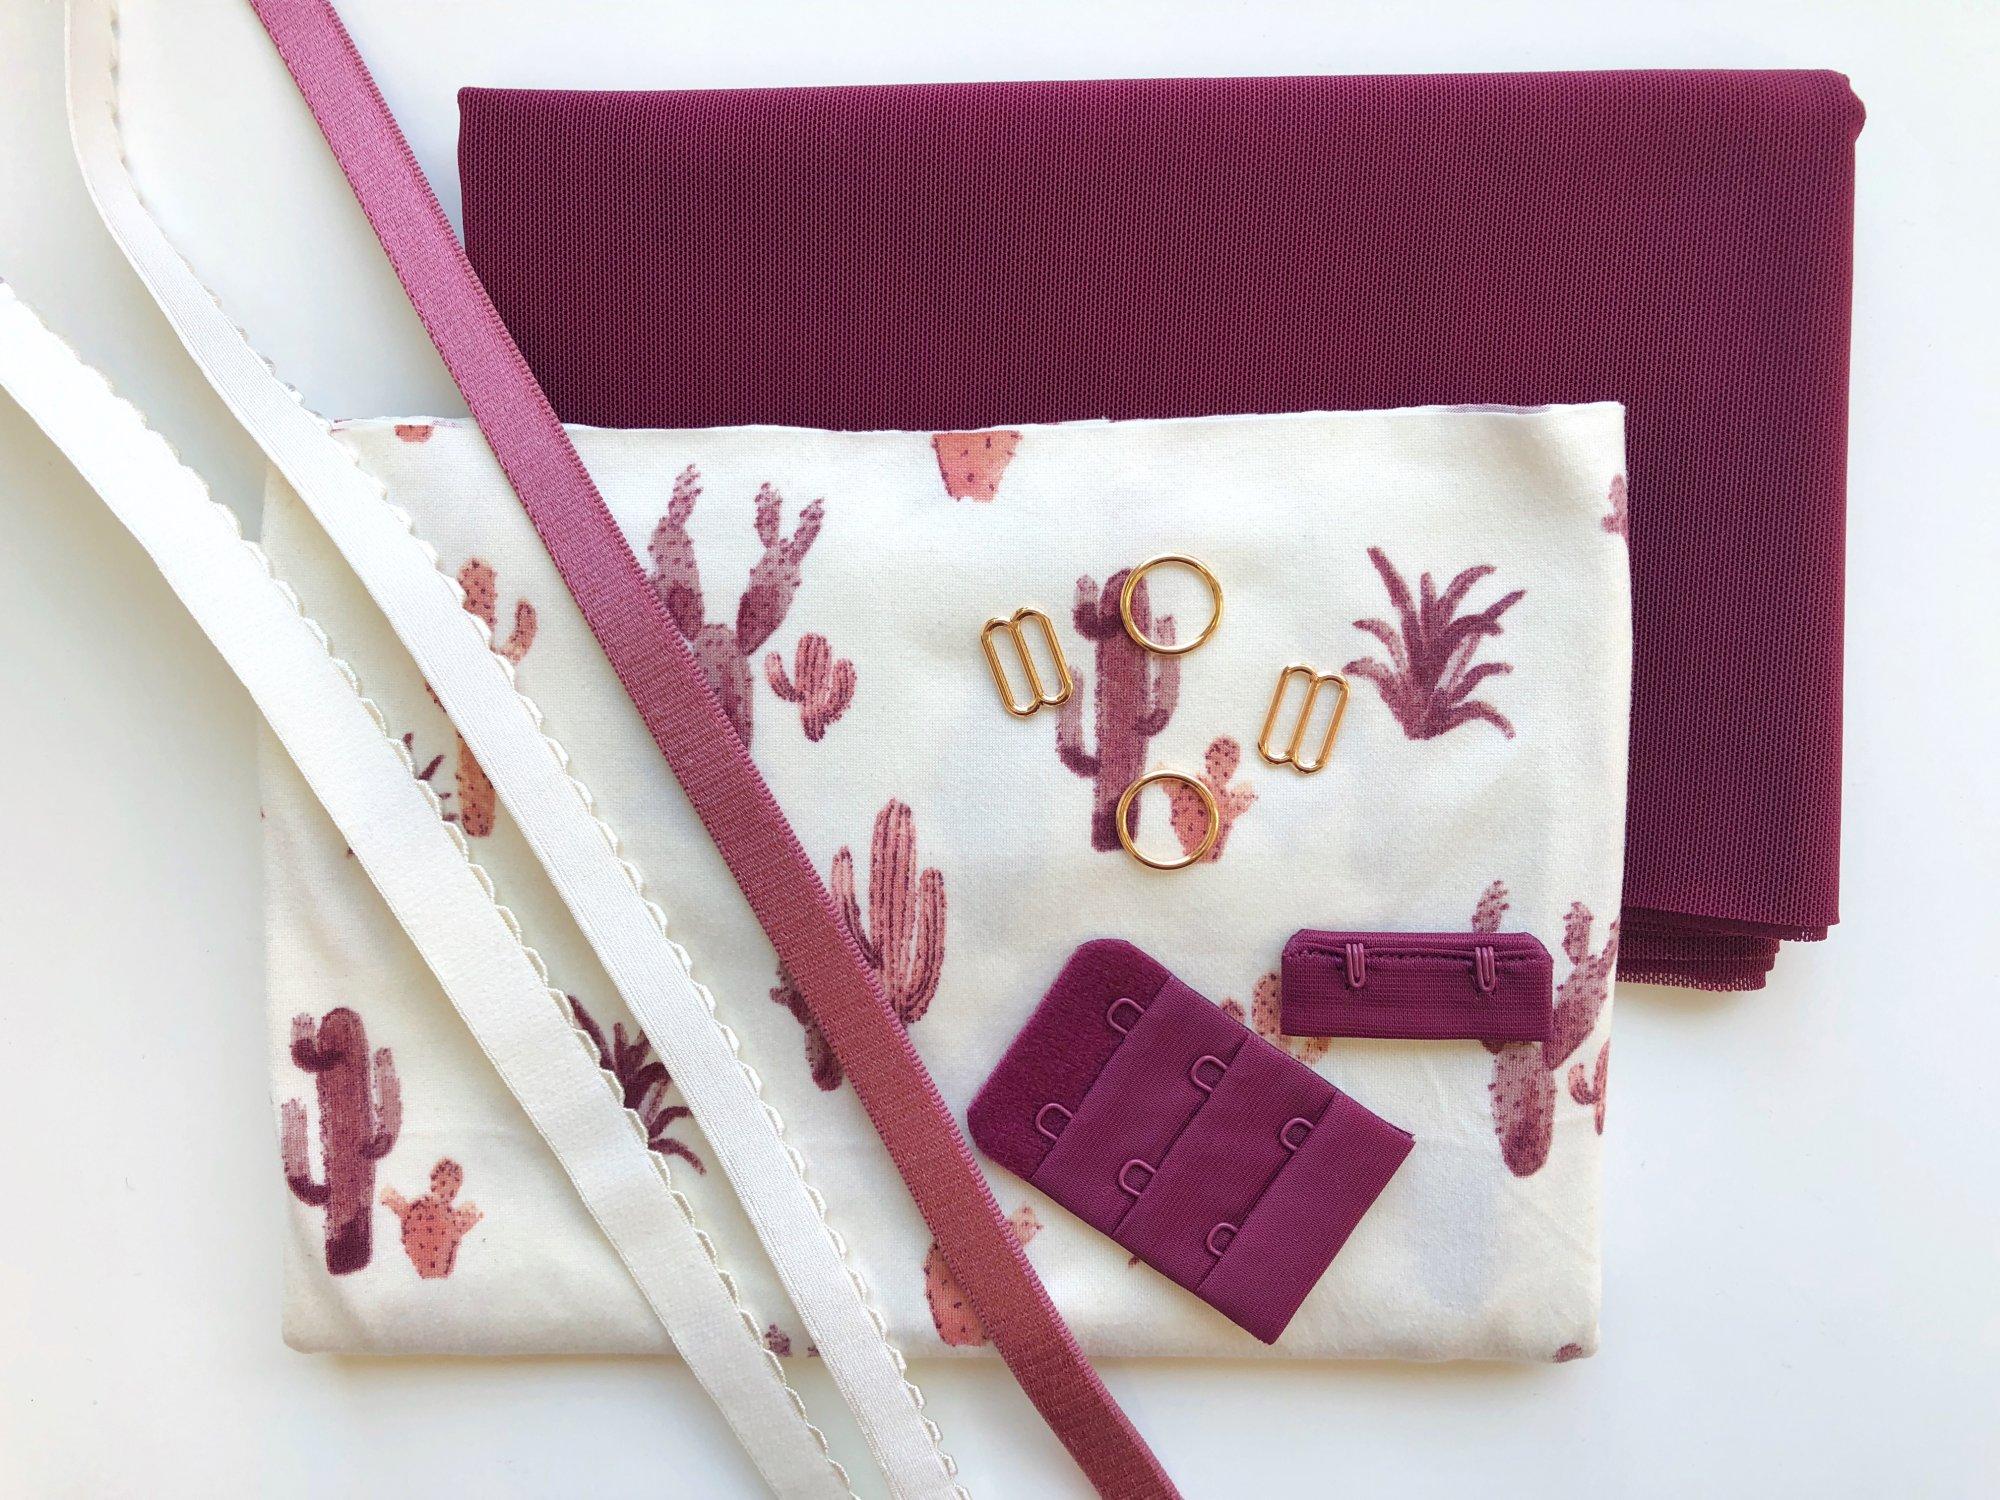 Painted Desert Soft Bra Kit - Wine